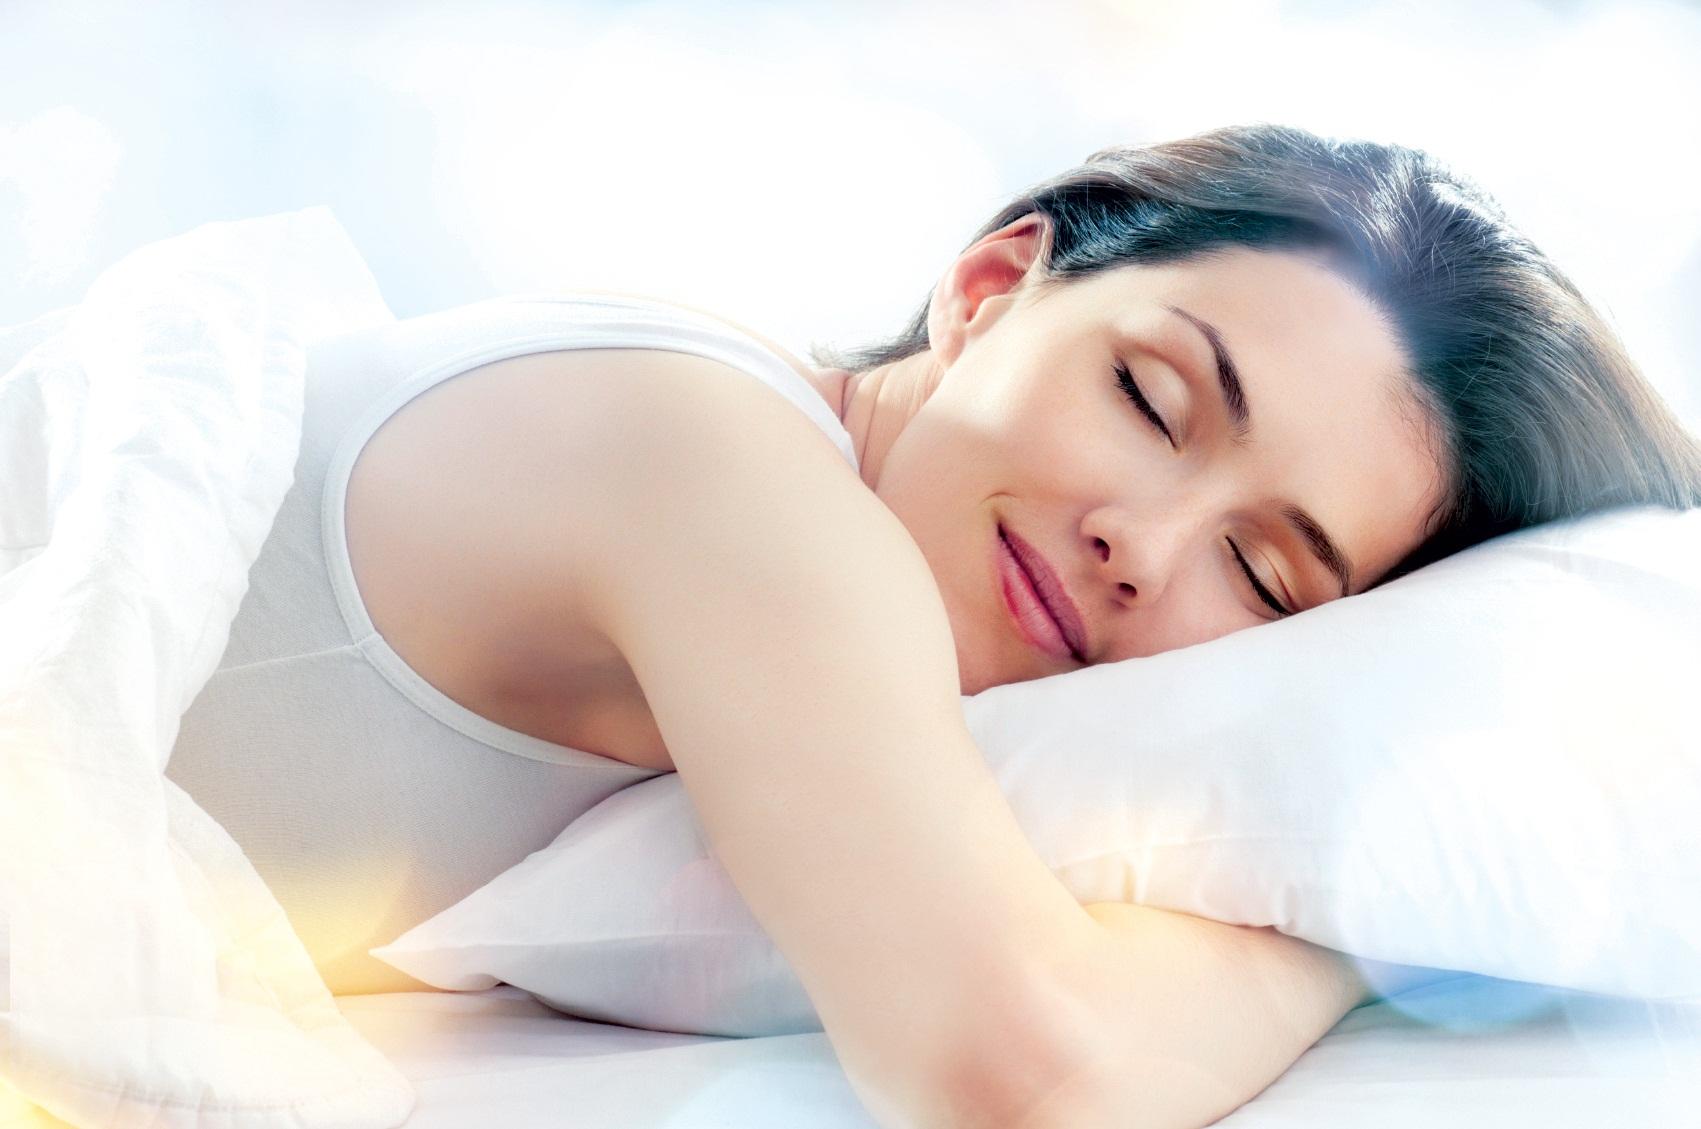 ngủ trưa giúp đầy lùi áp lực của dạ dày tá tràng